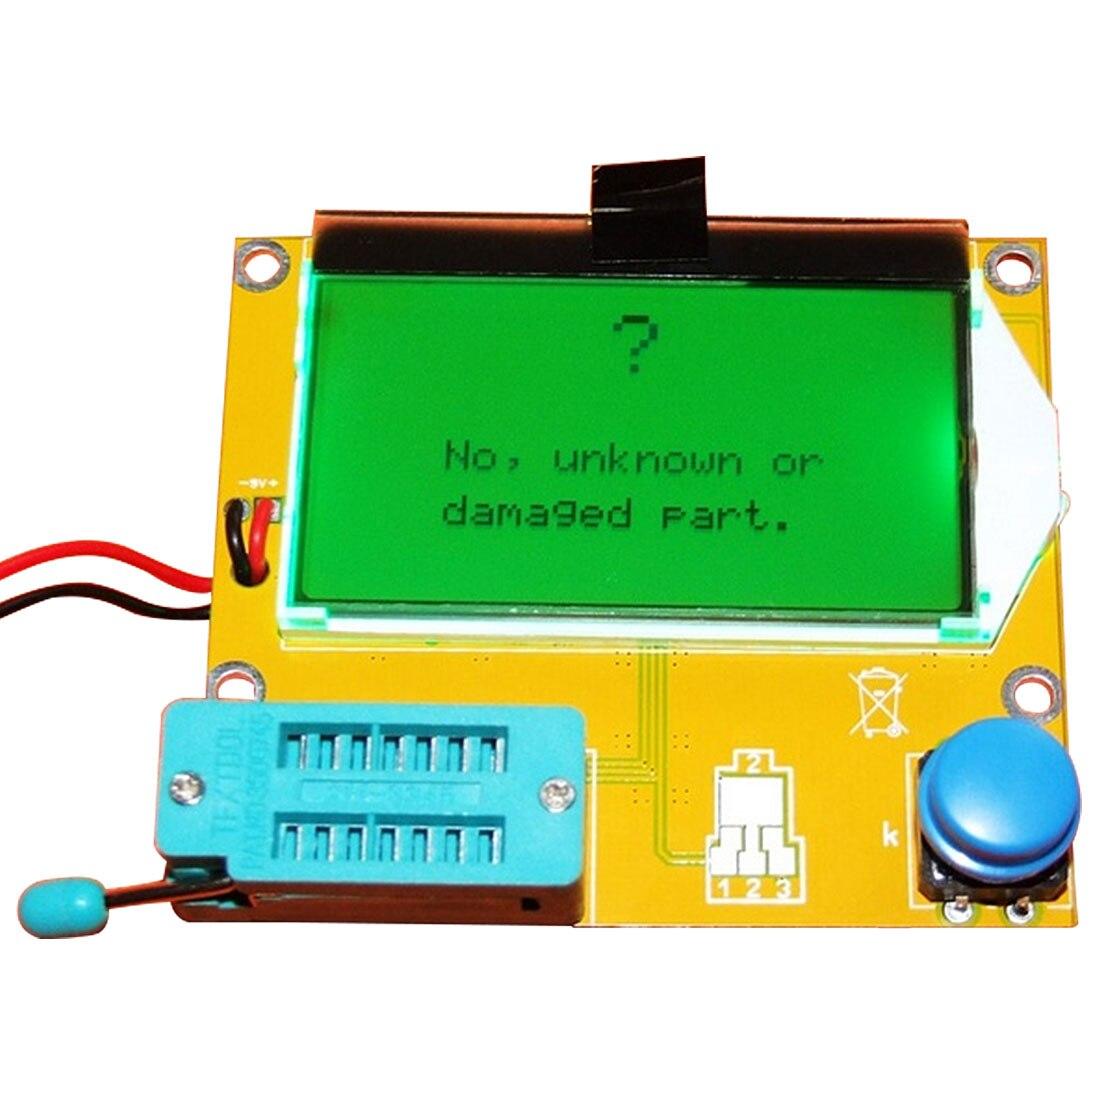 1pcs Transistor Tester Digital V2 68 ESR-T4 Diode Triode Capacitance for  MOS/PNP/NPN LCR 12864 LCD Screen Tester ESR Meter